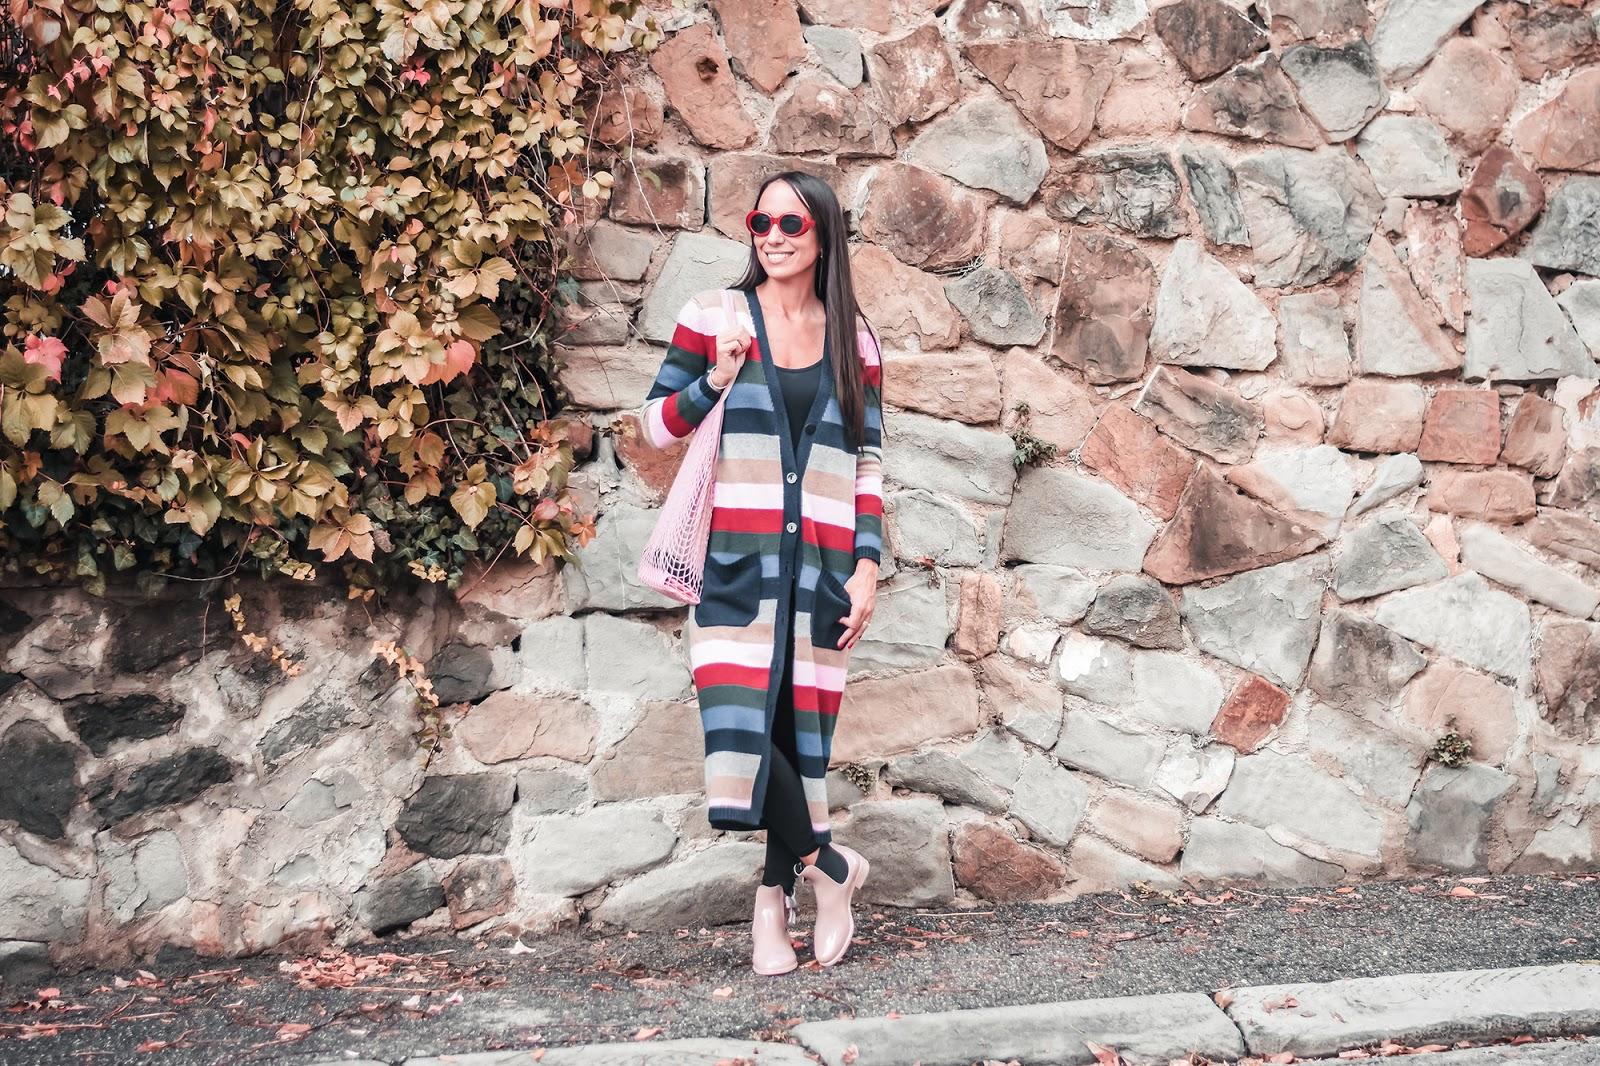 maglione righe arcobaleno